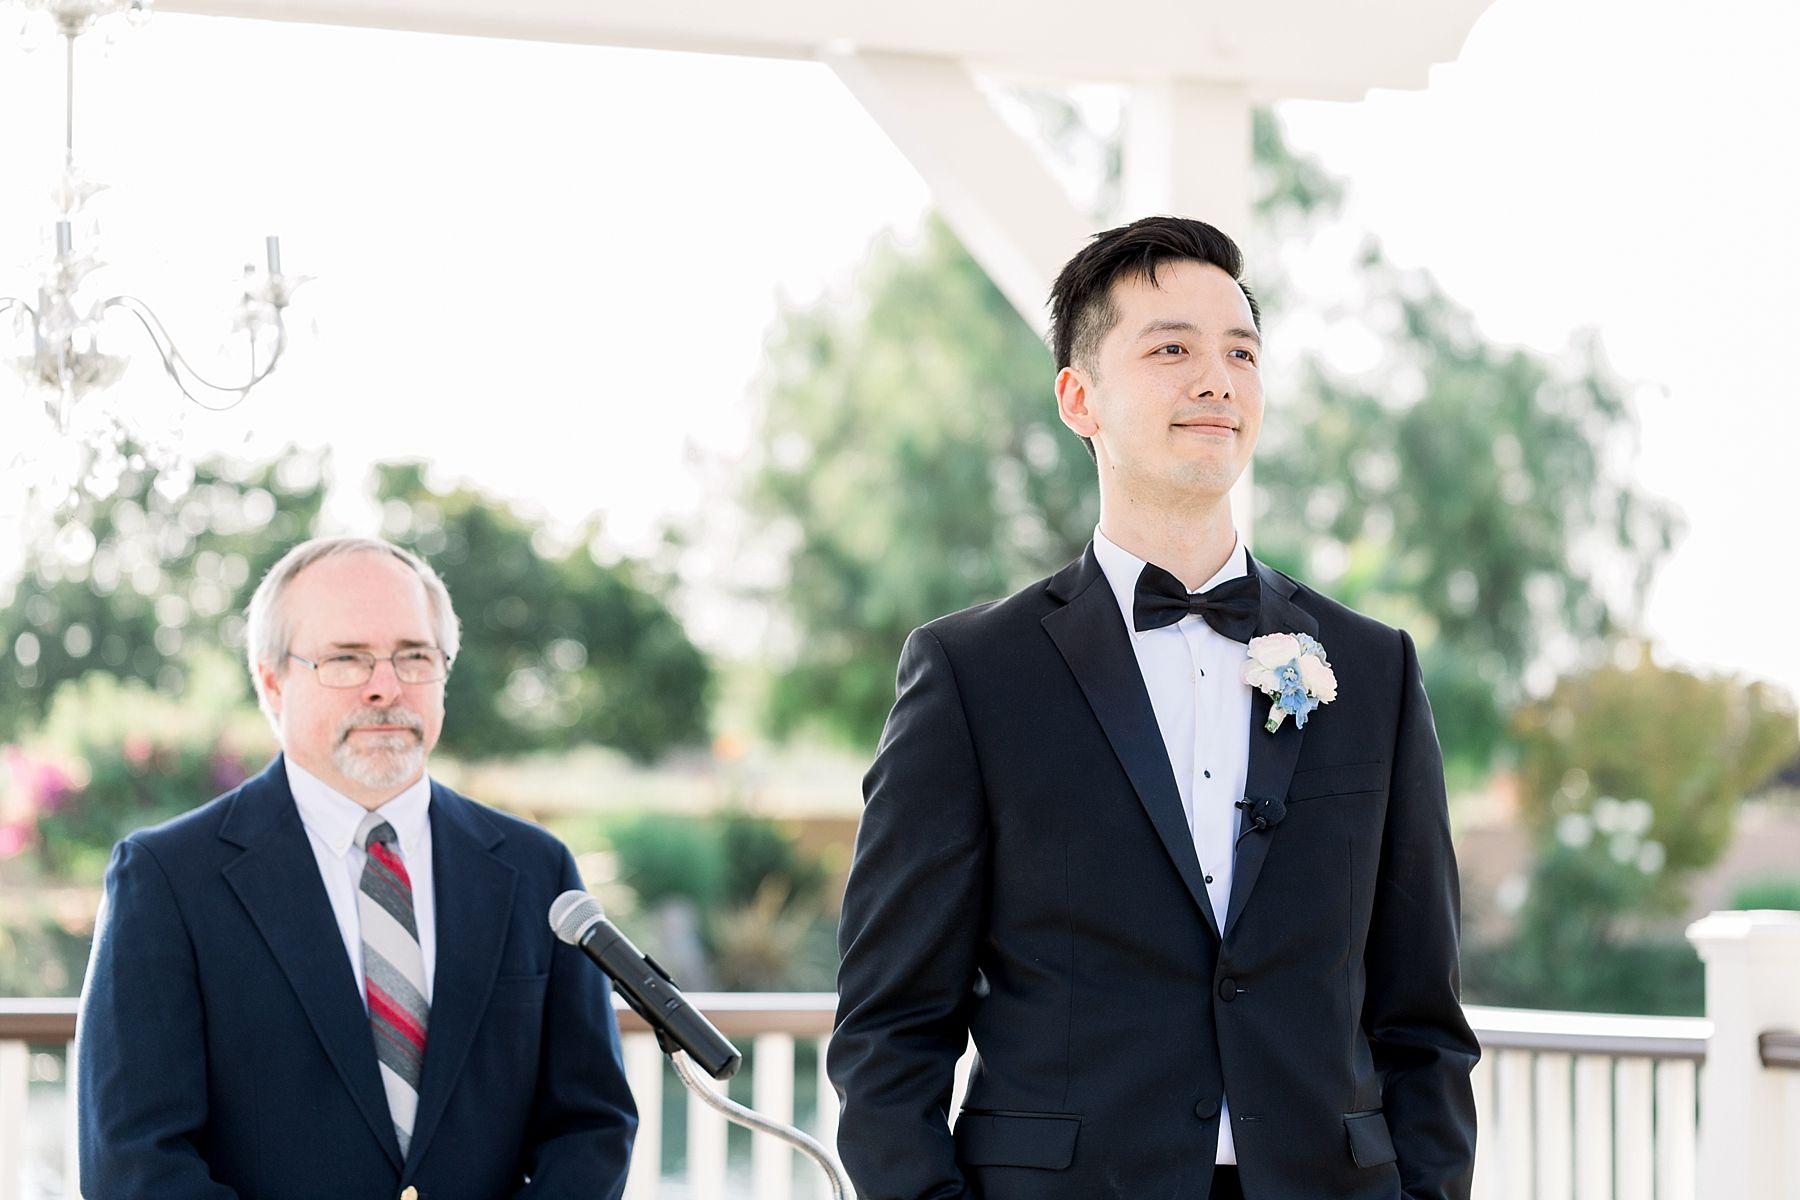 Newberry Estate Vineyards Wedding - Ashley Baumgartner - Jasmine and Johhny - Bay Area Wedding Photographer - Sacramento Wedding Photographer_0032.jpg